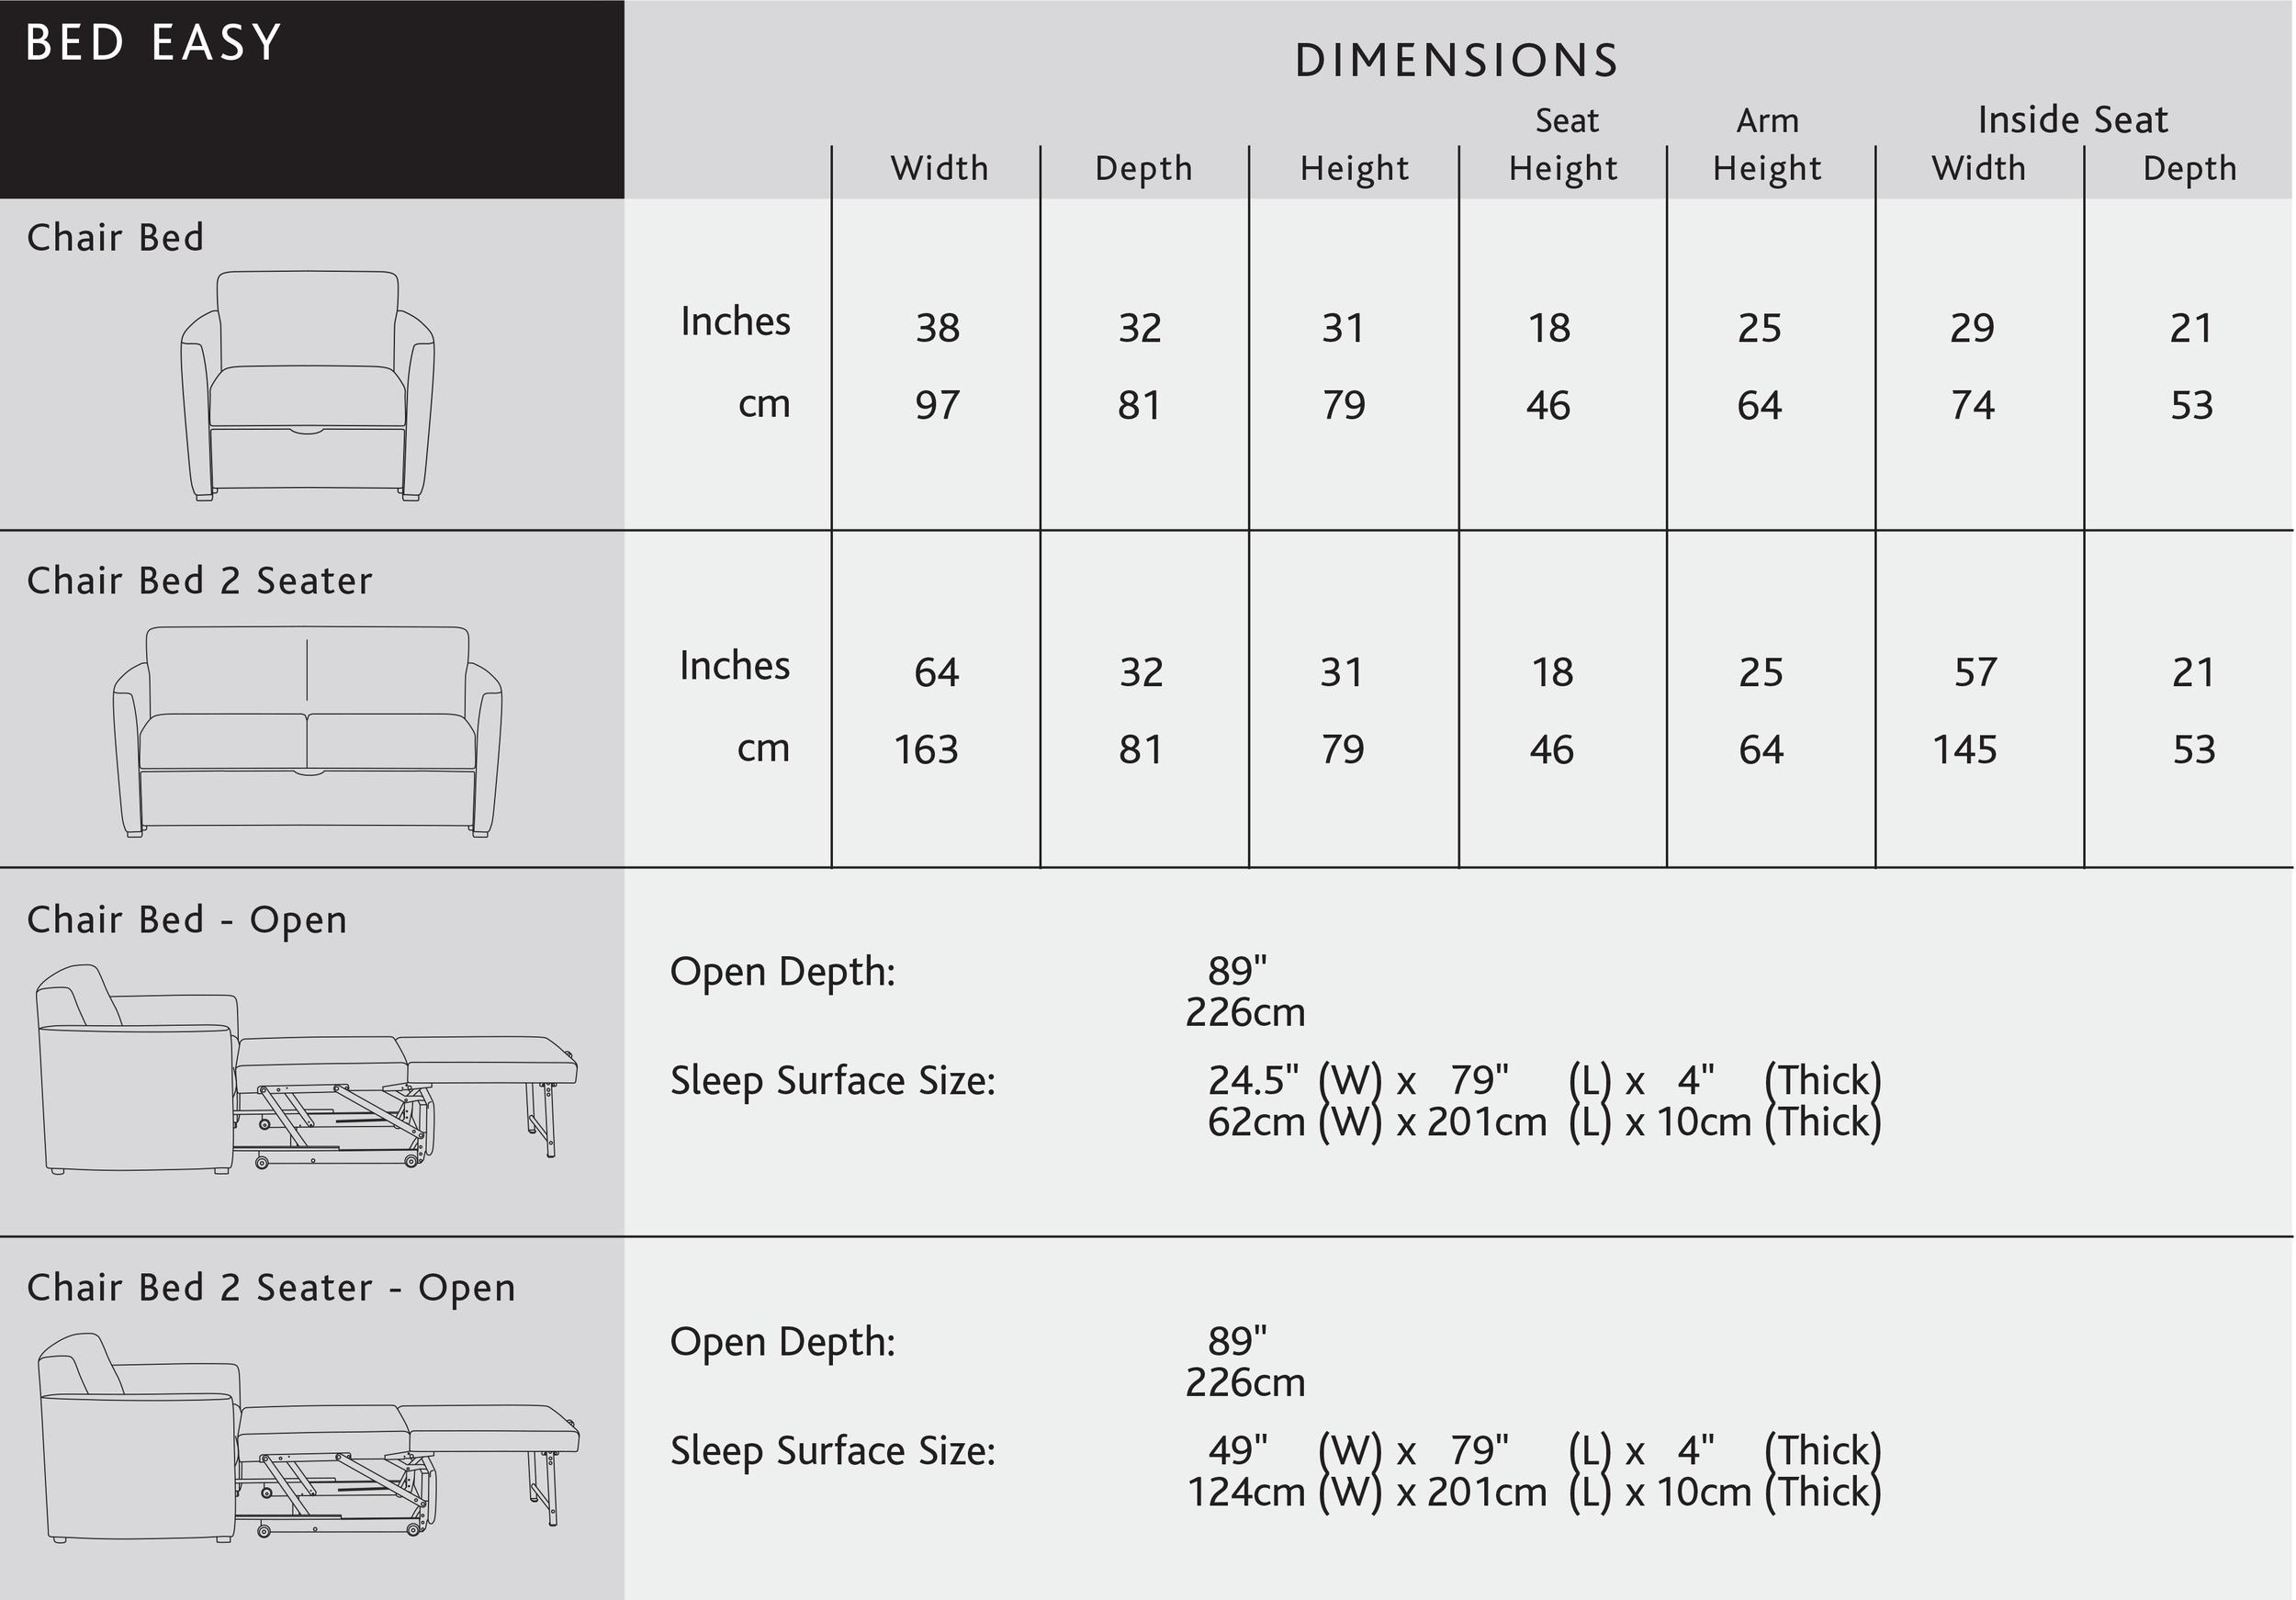 BEDEASYdimensions.jpg